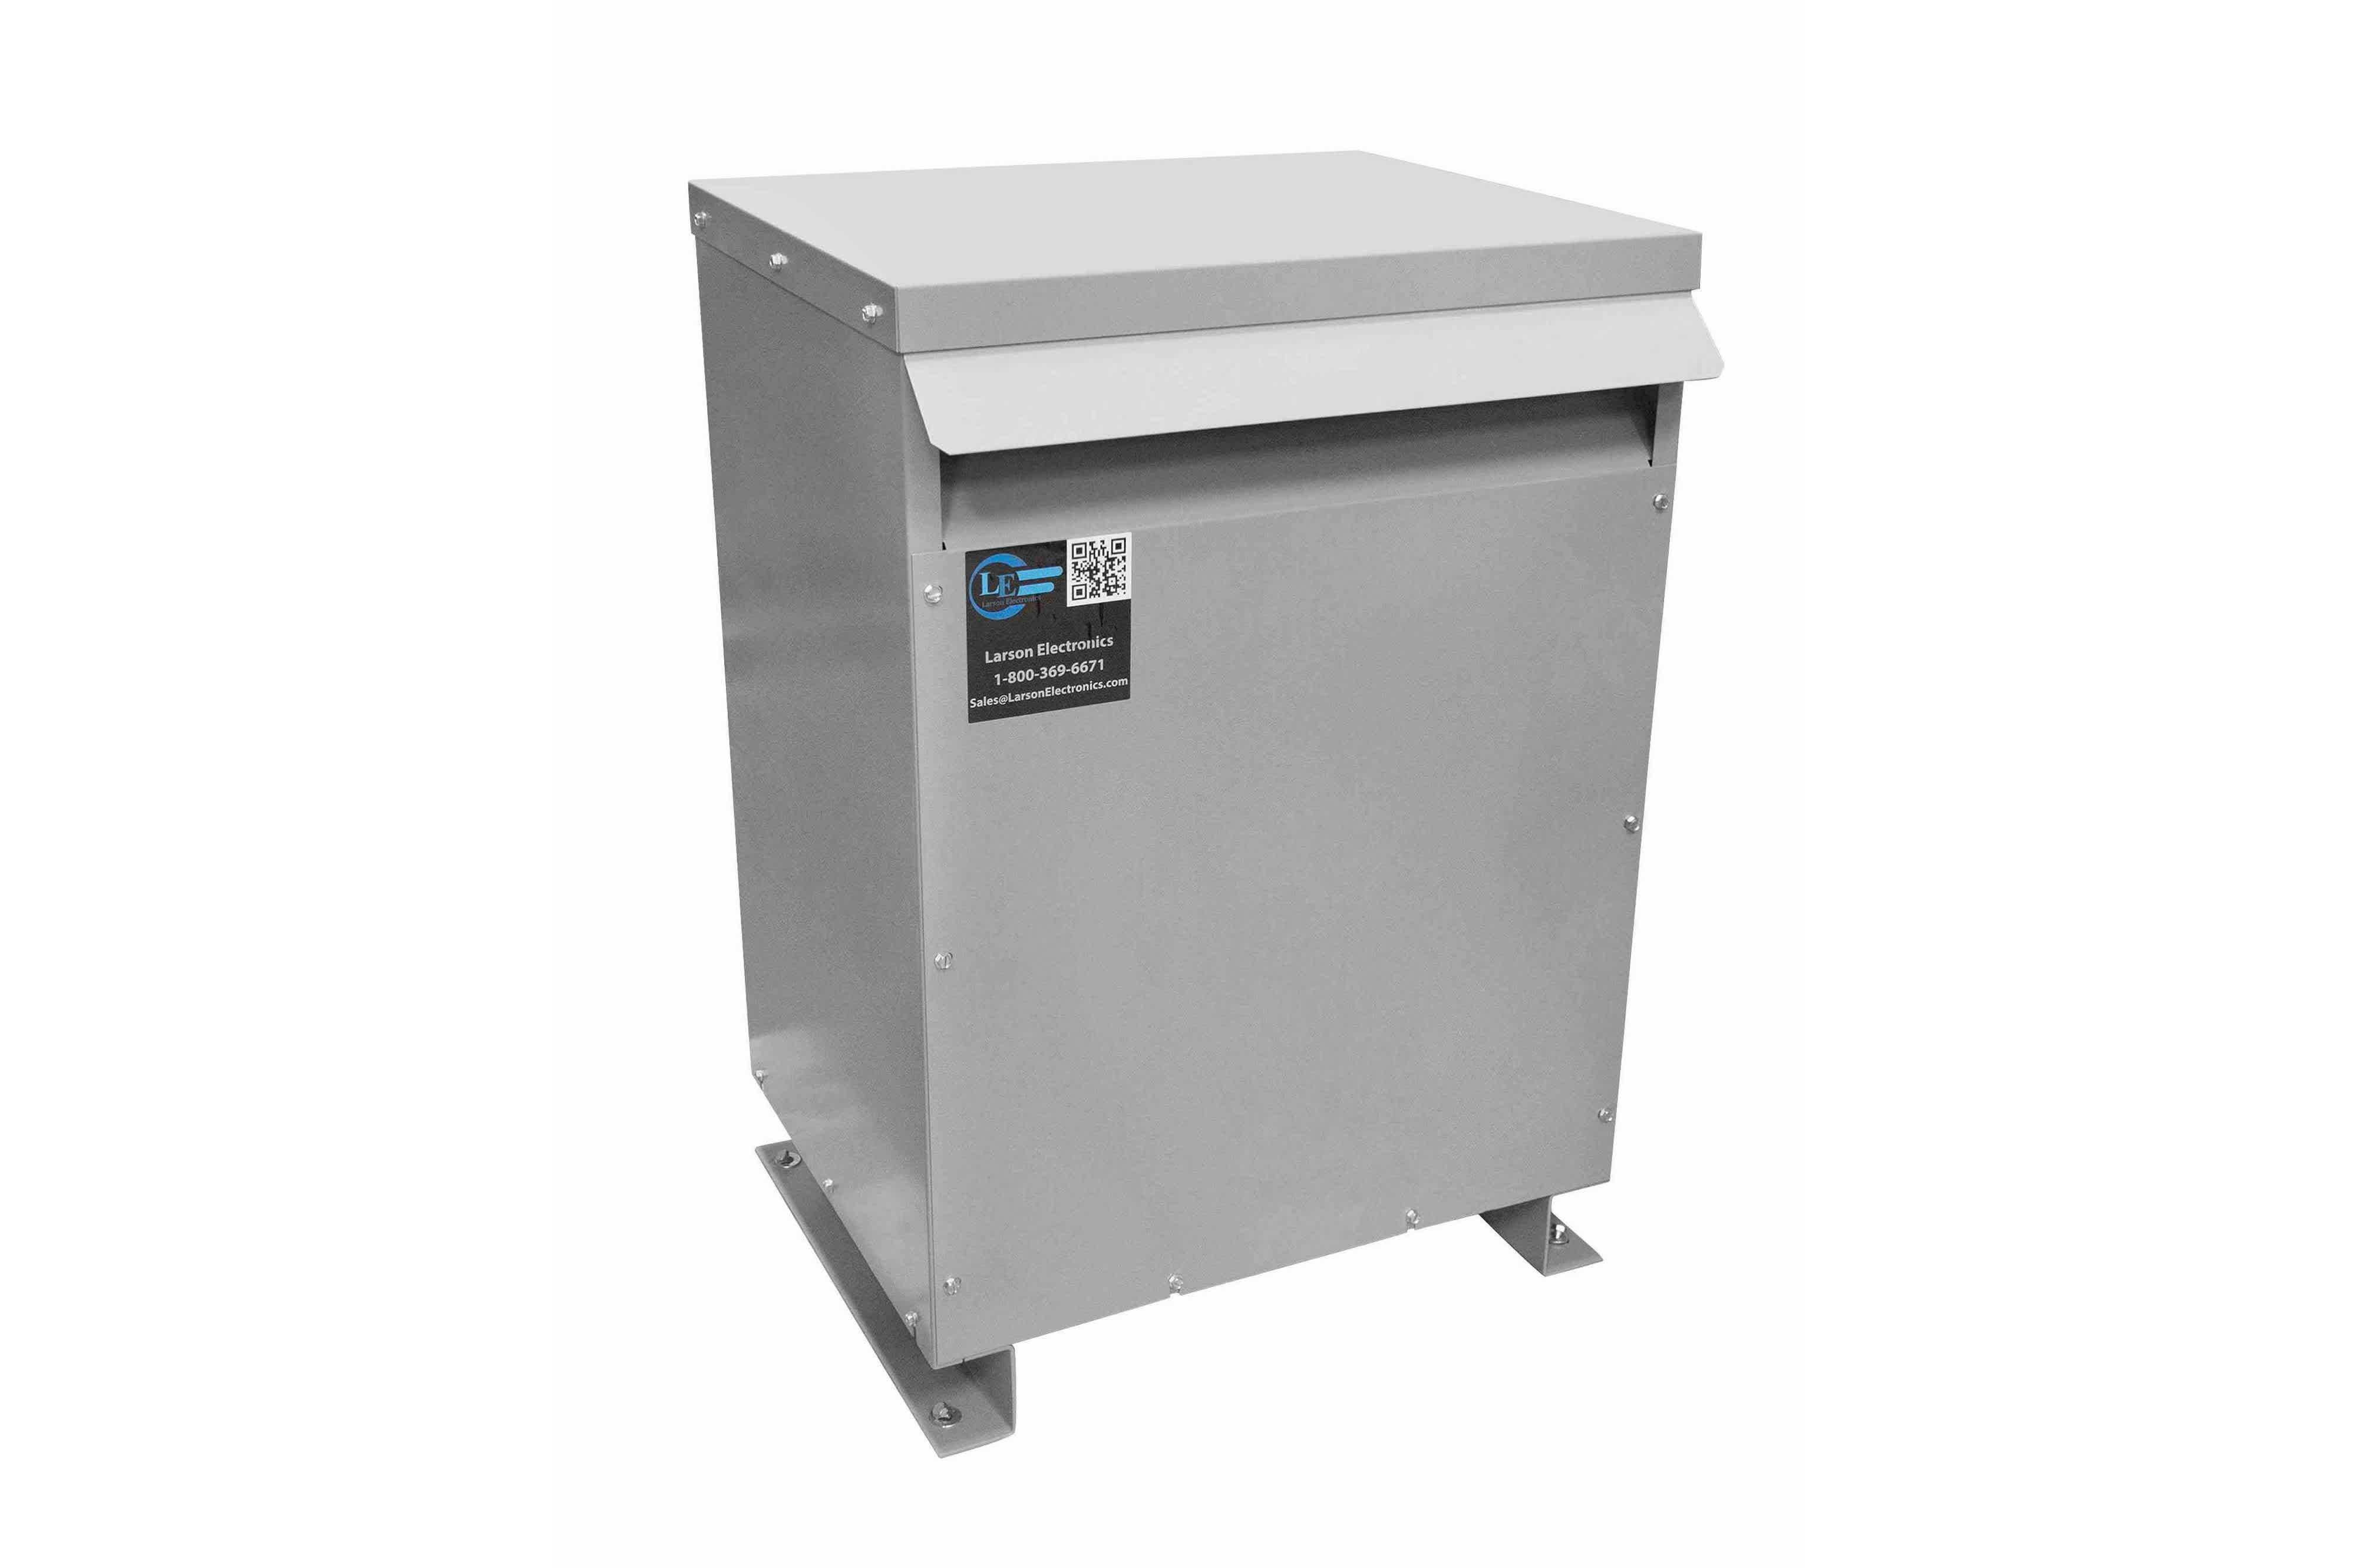 90 kVA 3PH Isolation Transformer, 480V Delta Primary, 400V Delta Secondary, N3R, Ventilated, 60 Hz